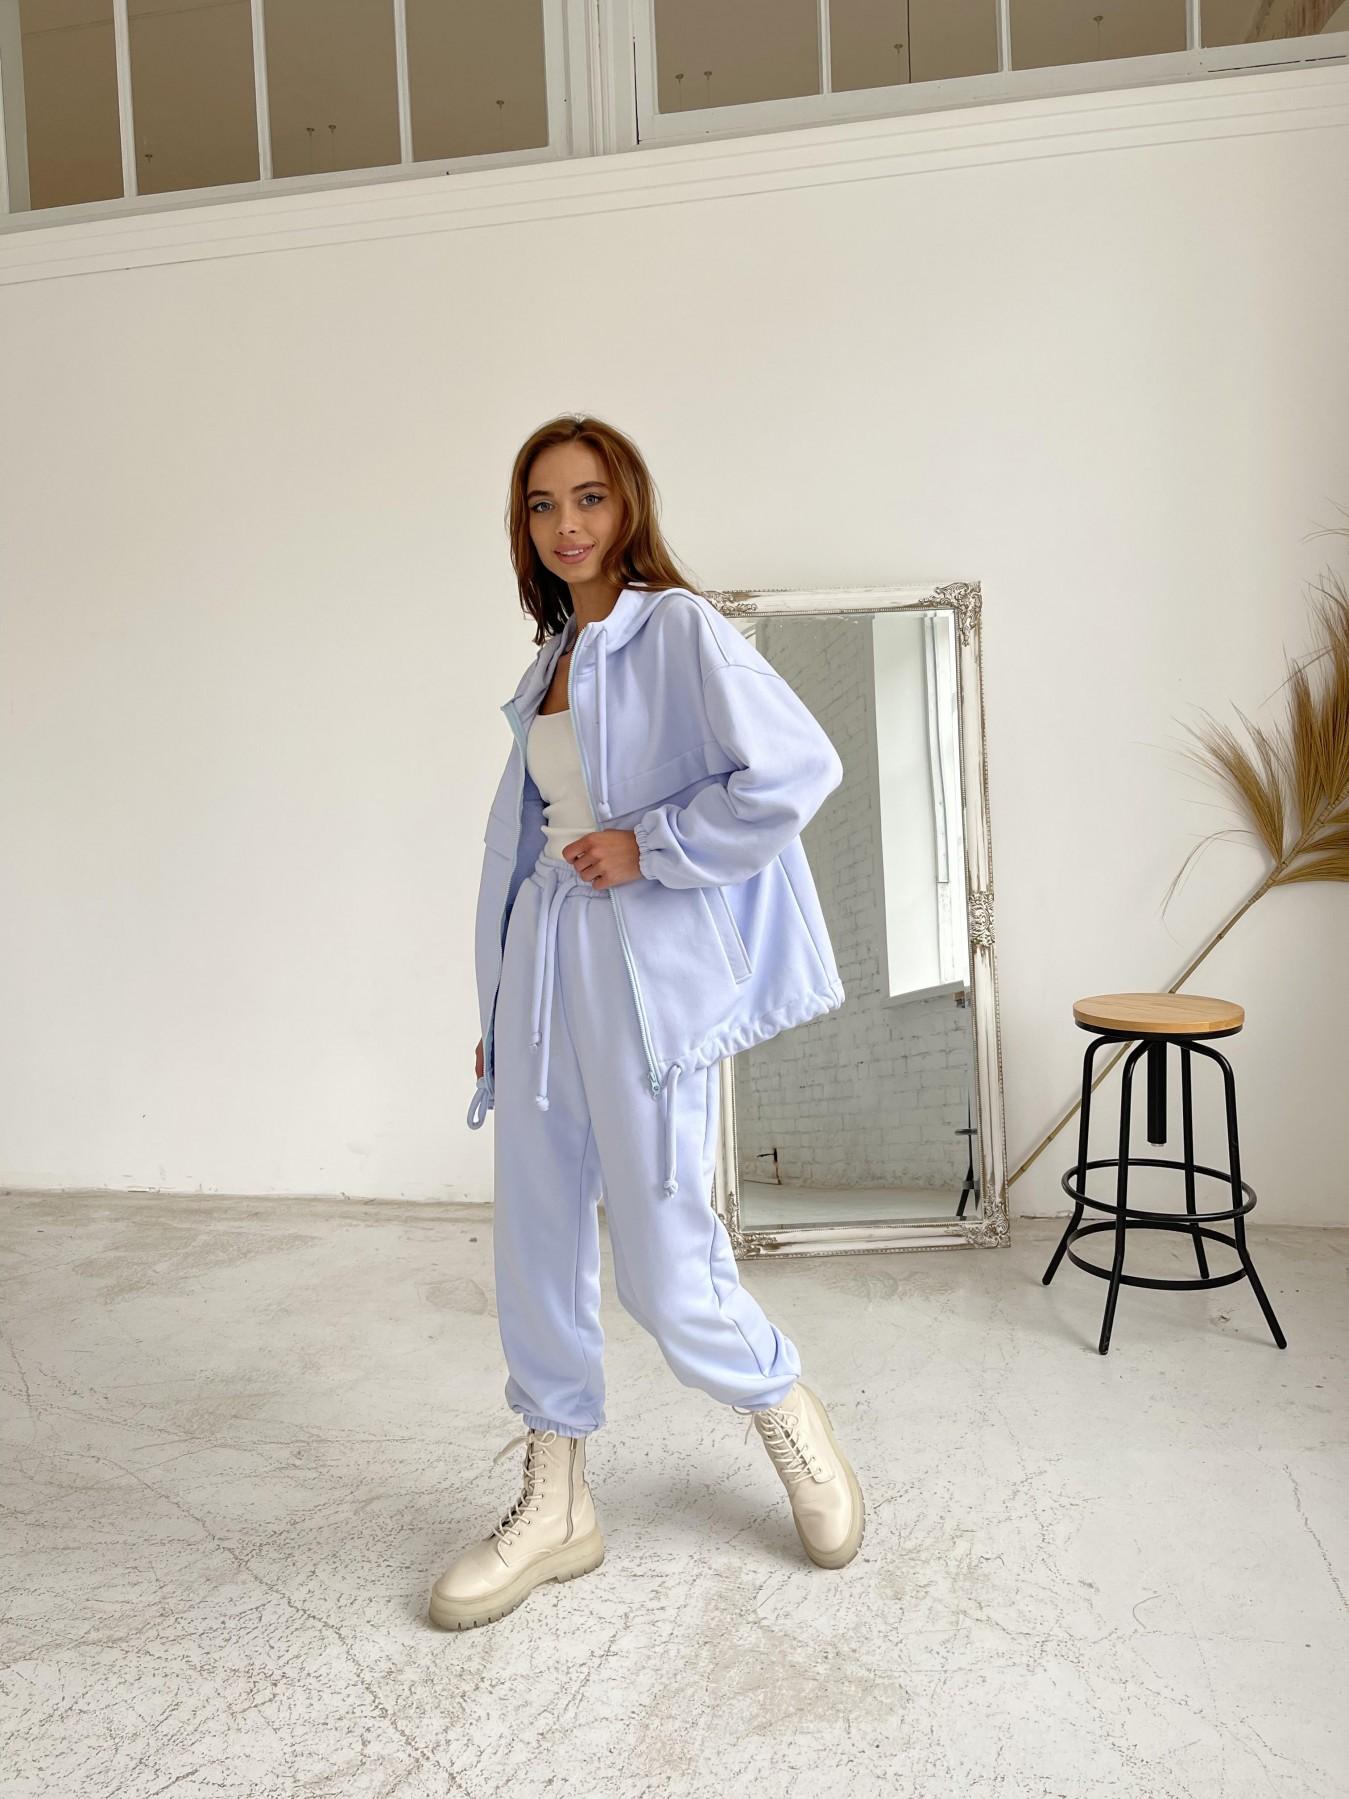 Фит трикотажный костюм из трехнити 11829 АРТ. 48601 Цвет: Голубой Светлый - фото 8, интернет магазин tm-modus.ru